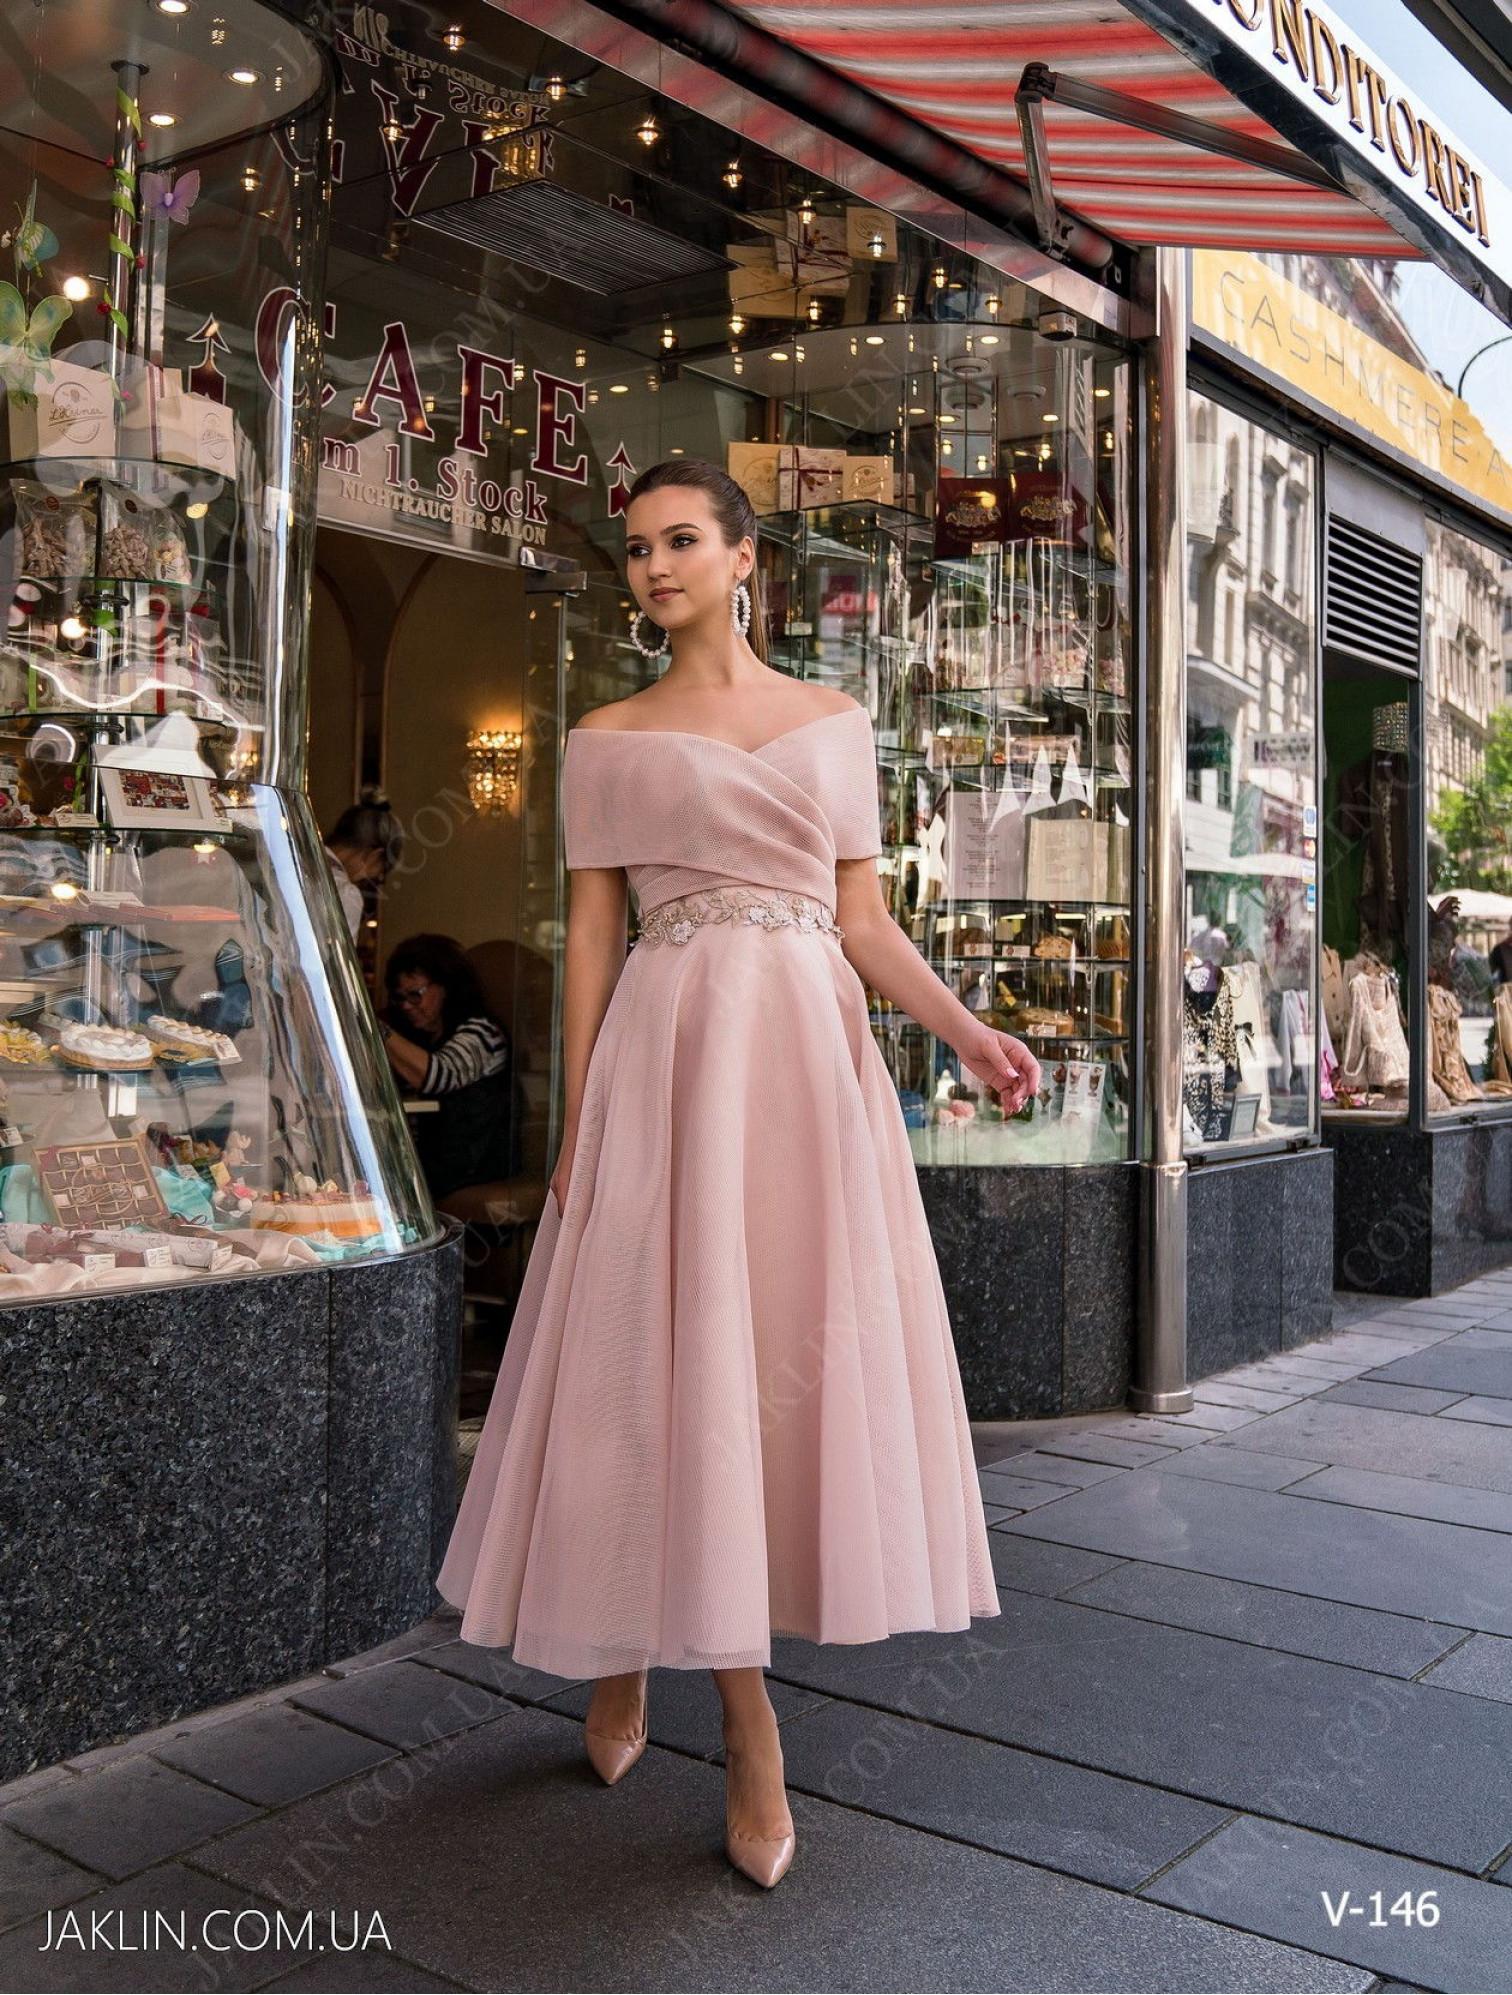 Вечернее платье V-146